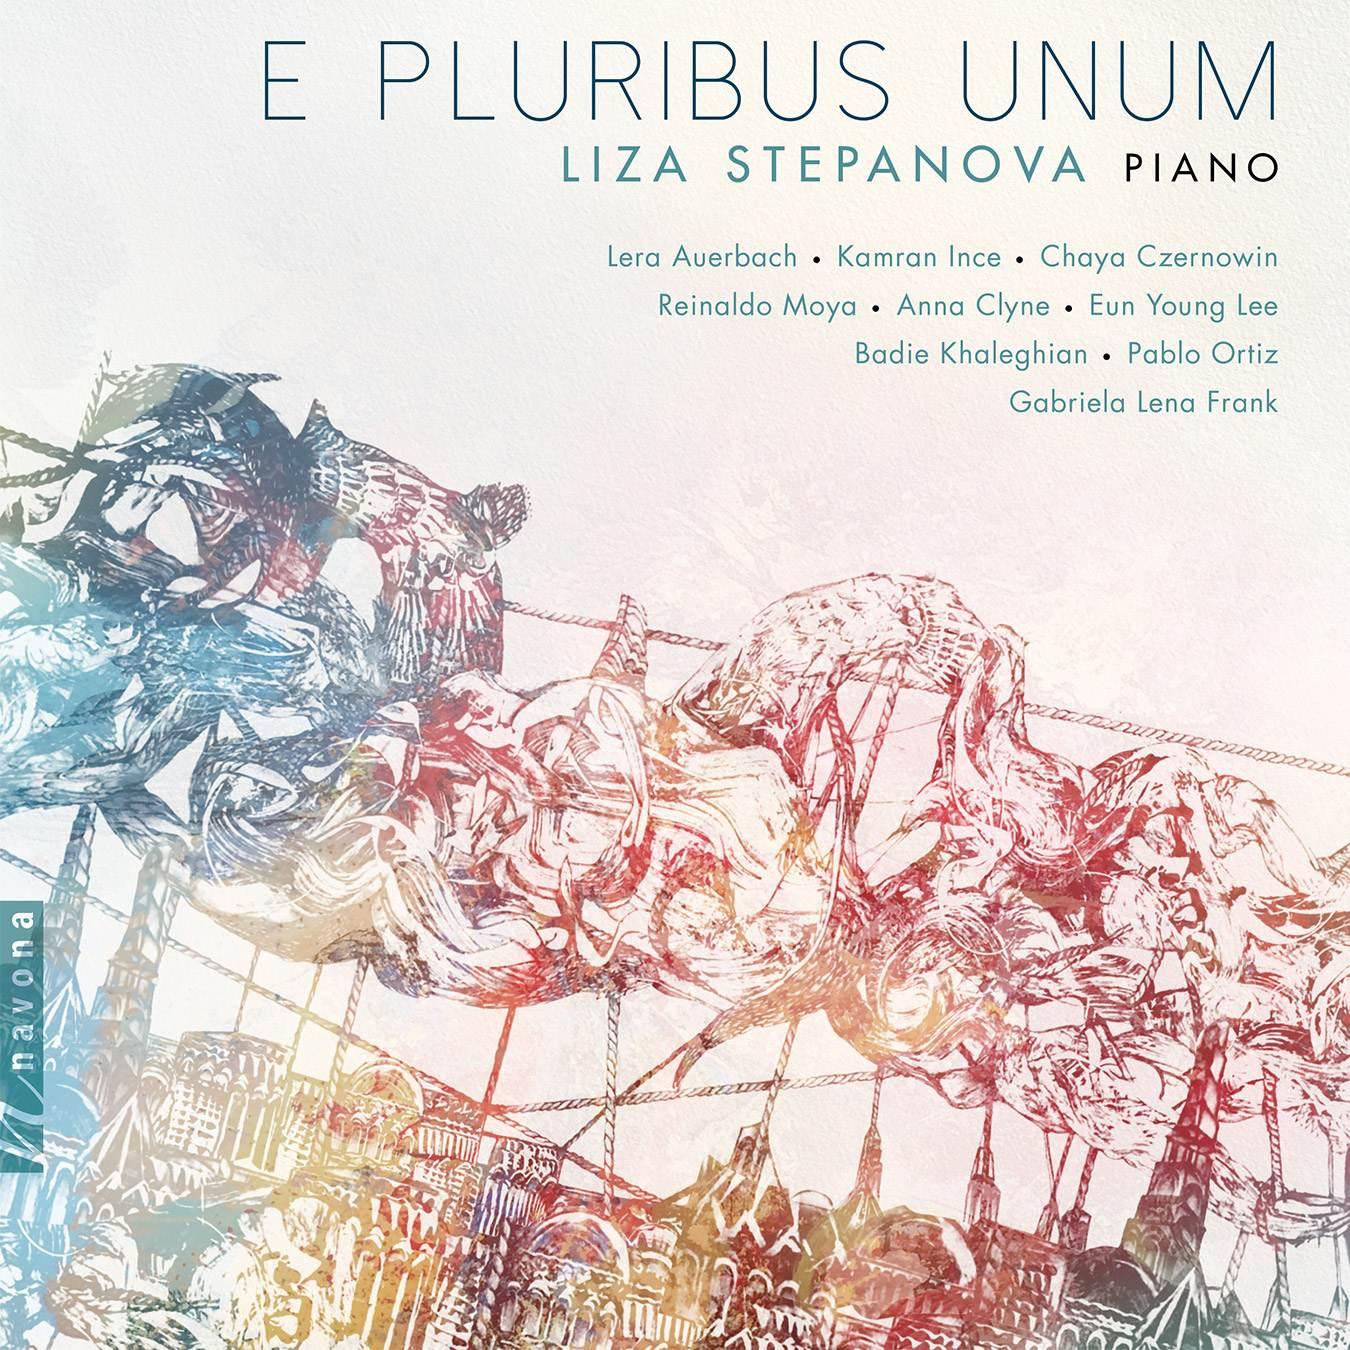 E PLURIBUS UNUM - album cover